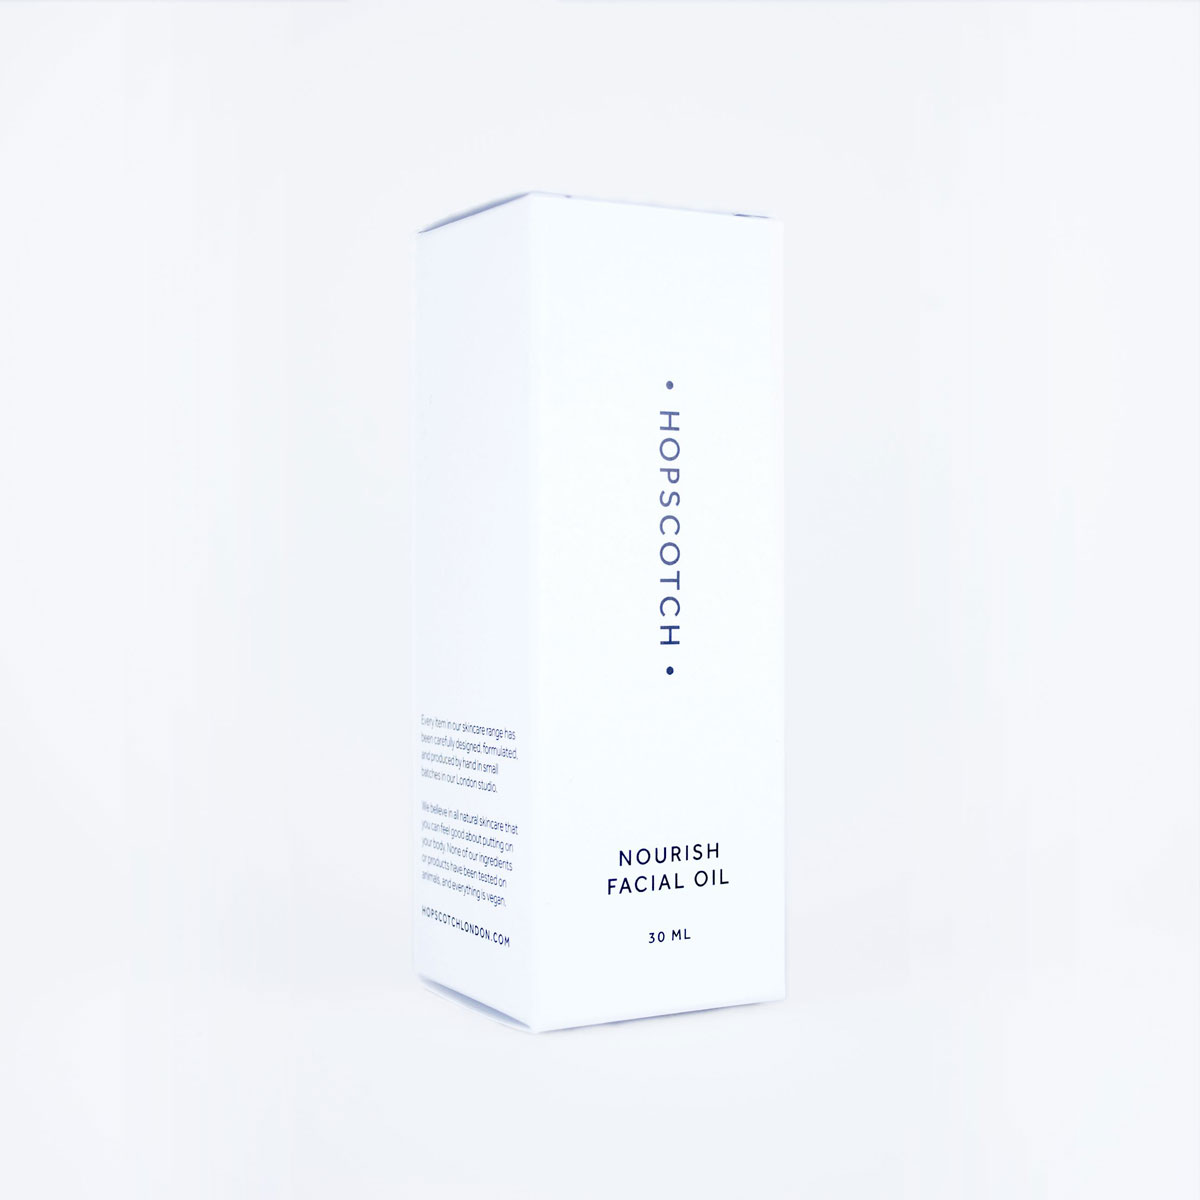 hopscotch nourish facial oil